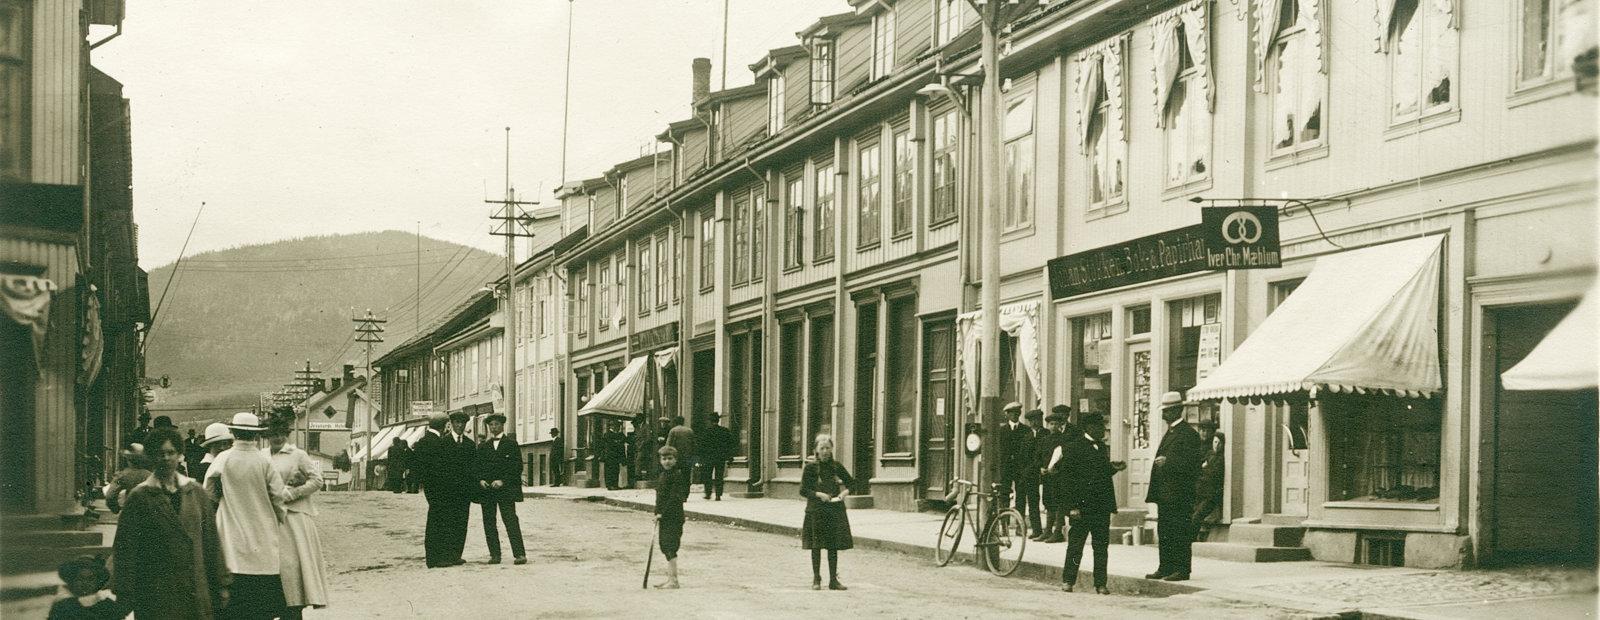 Sort hvitt fotografi med Storgaten i Lillehammer med voksne og barn i gaten.